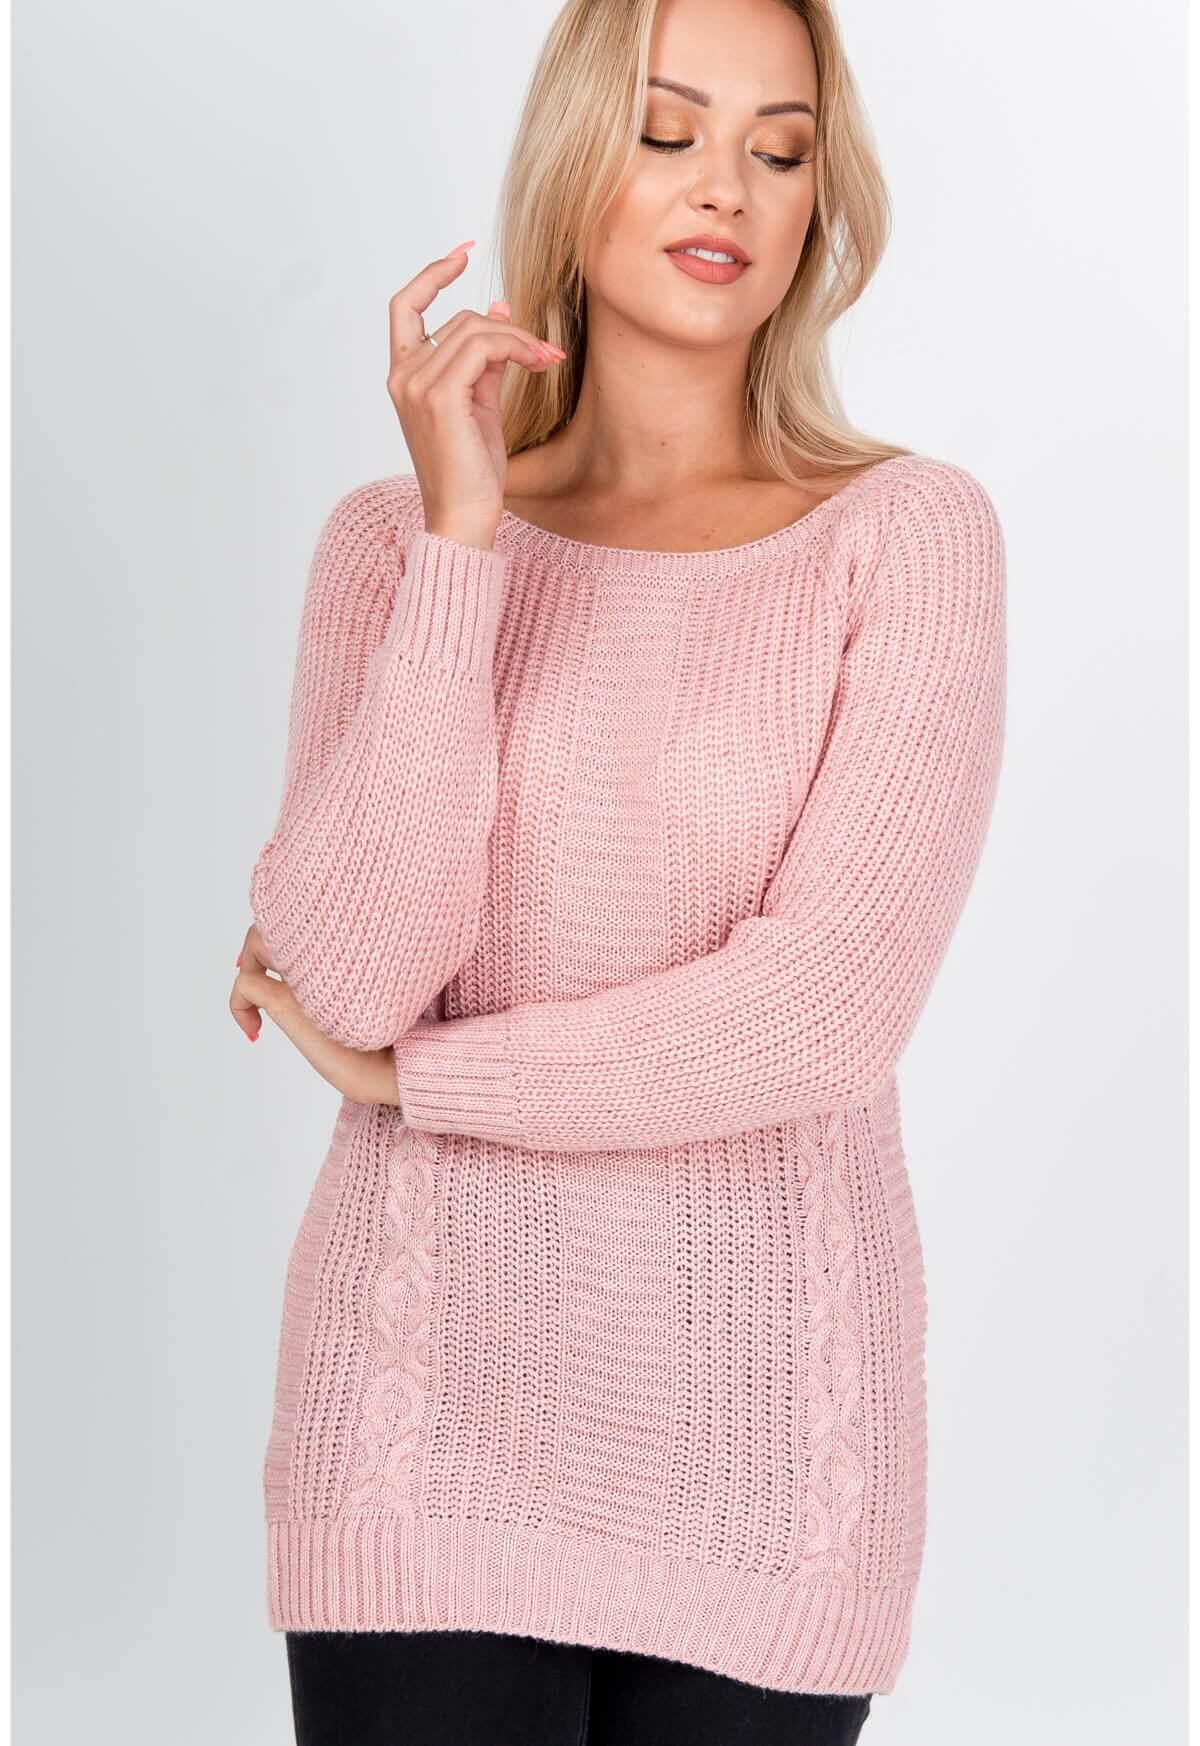 Elegantný dlhý ružový sveter s rebrovaním